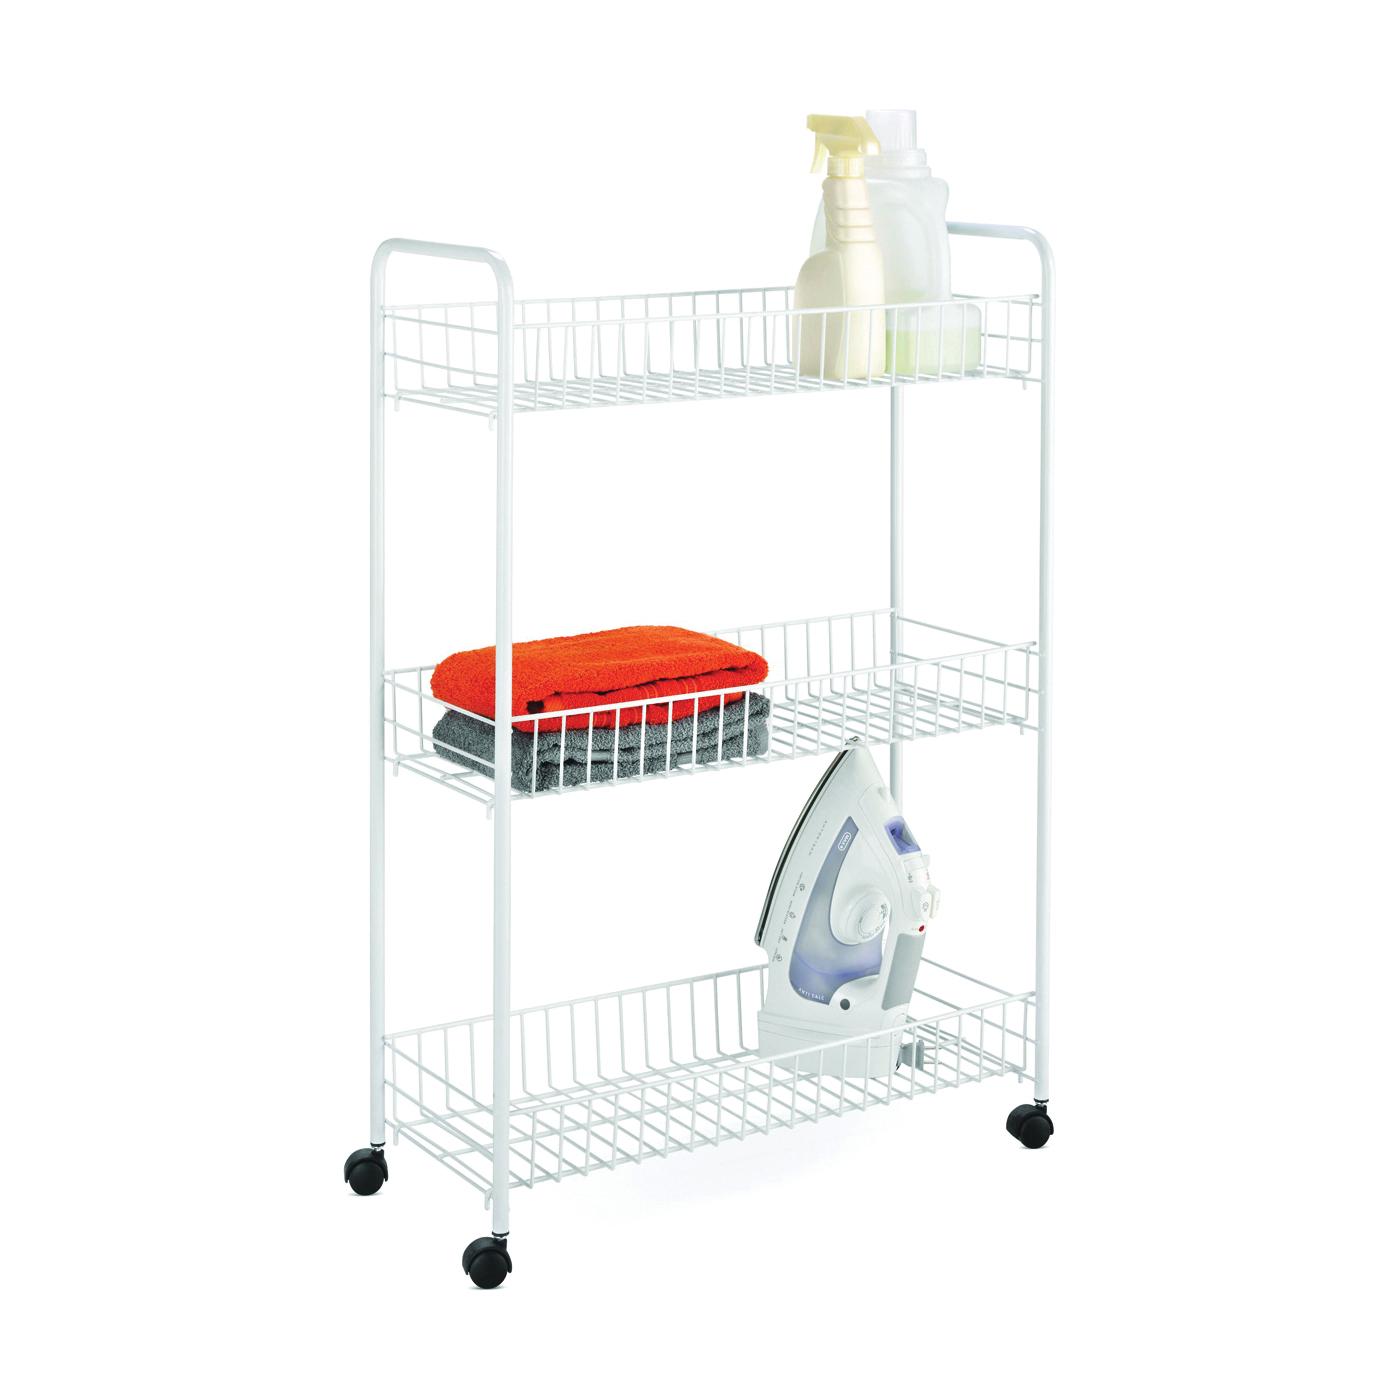 Picture of Honey-Can-Do CRT-01149 Storage Cart, 23 in OAL, 8 in OAW, 31 in OAH, 3-Shelf, Steel